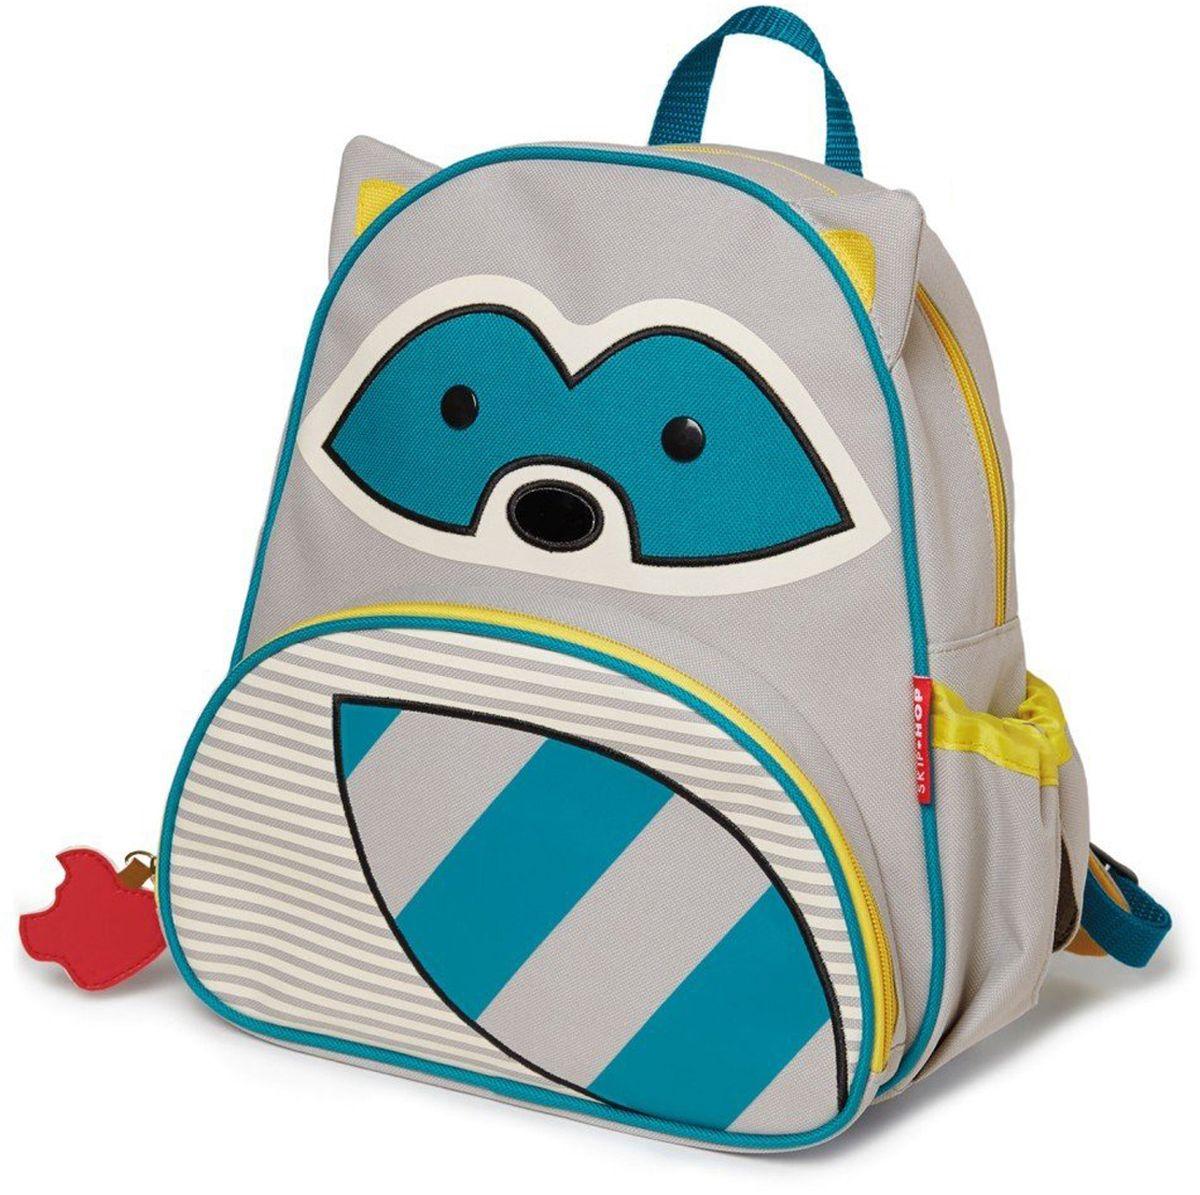 Skip Hop Рюкзак дошкольный Енот226402Дошкольный рюкзак Skip Hop каждый день будет радовать вашего малыша, вызывать улыбки у прохожих и зависть у сверстников. С ним можно ходить в детский сад, на прогулку, в гости к бабушке или ездить на экскурсии.Рюкзак имеет одно основное отделение на застежке-молнии, в которое легко поместятся книжка, альбом для рисования, краски, фломастеры, любимая игрушка и контейнер с едой, а кармашек сбоку предназначен специально для бутылочки с водой. Передний карман на молнии предназначен для мелких вещей.Рюкзак оснащен ручкой для переноски в руках и лямками регулируемой длины.